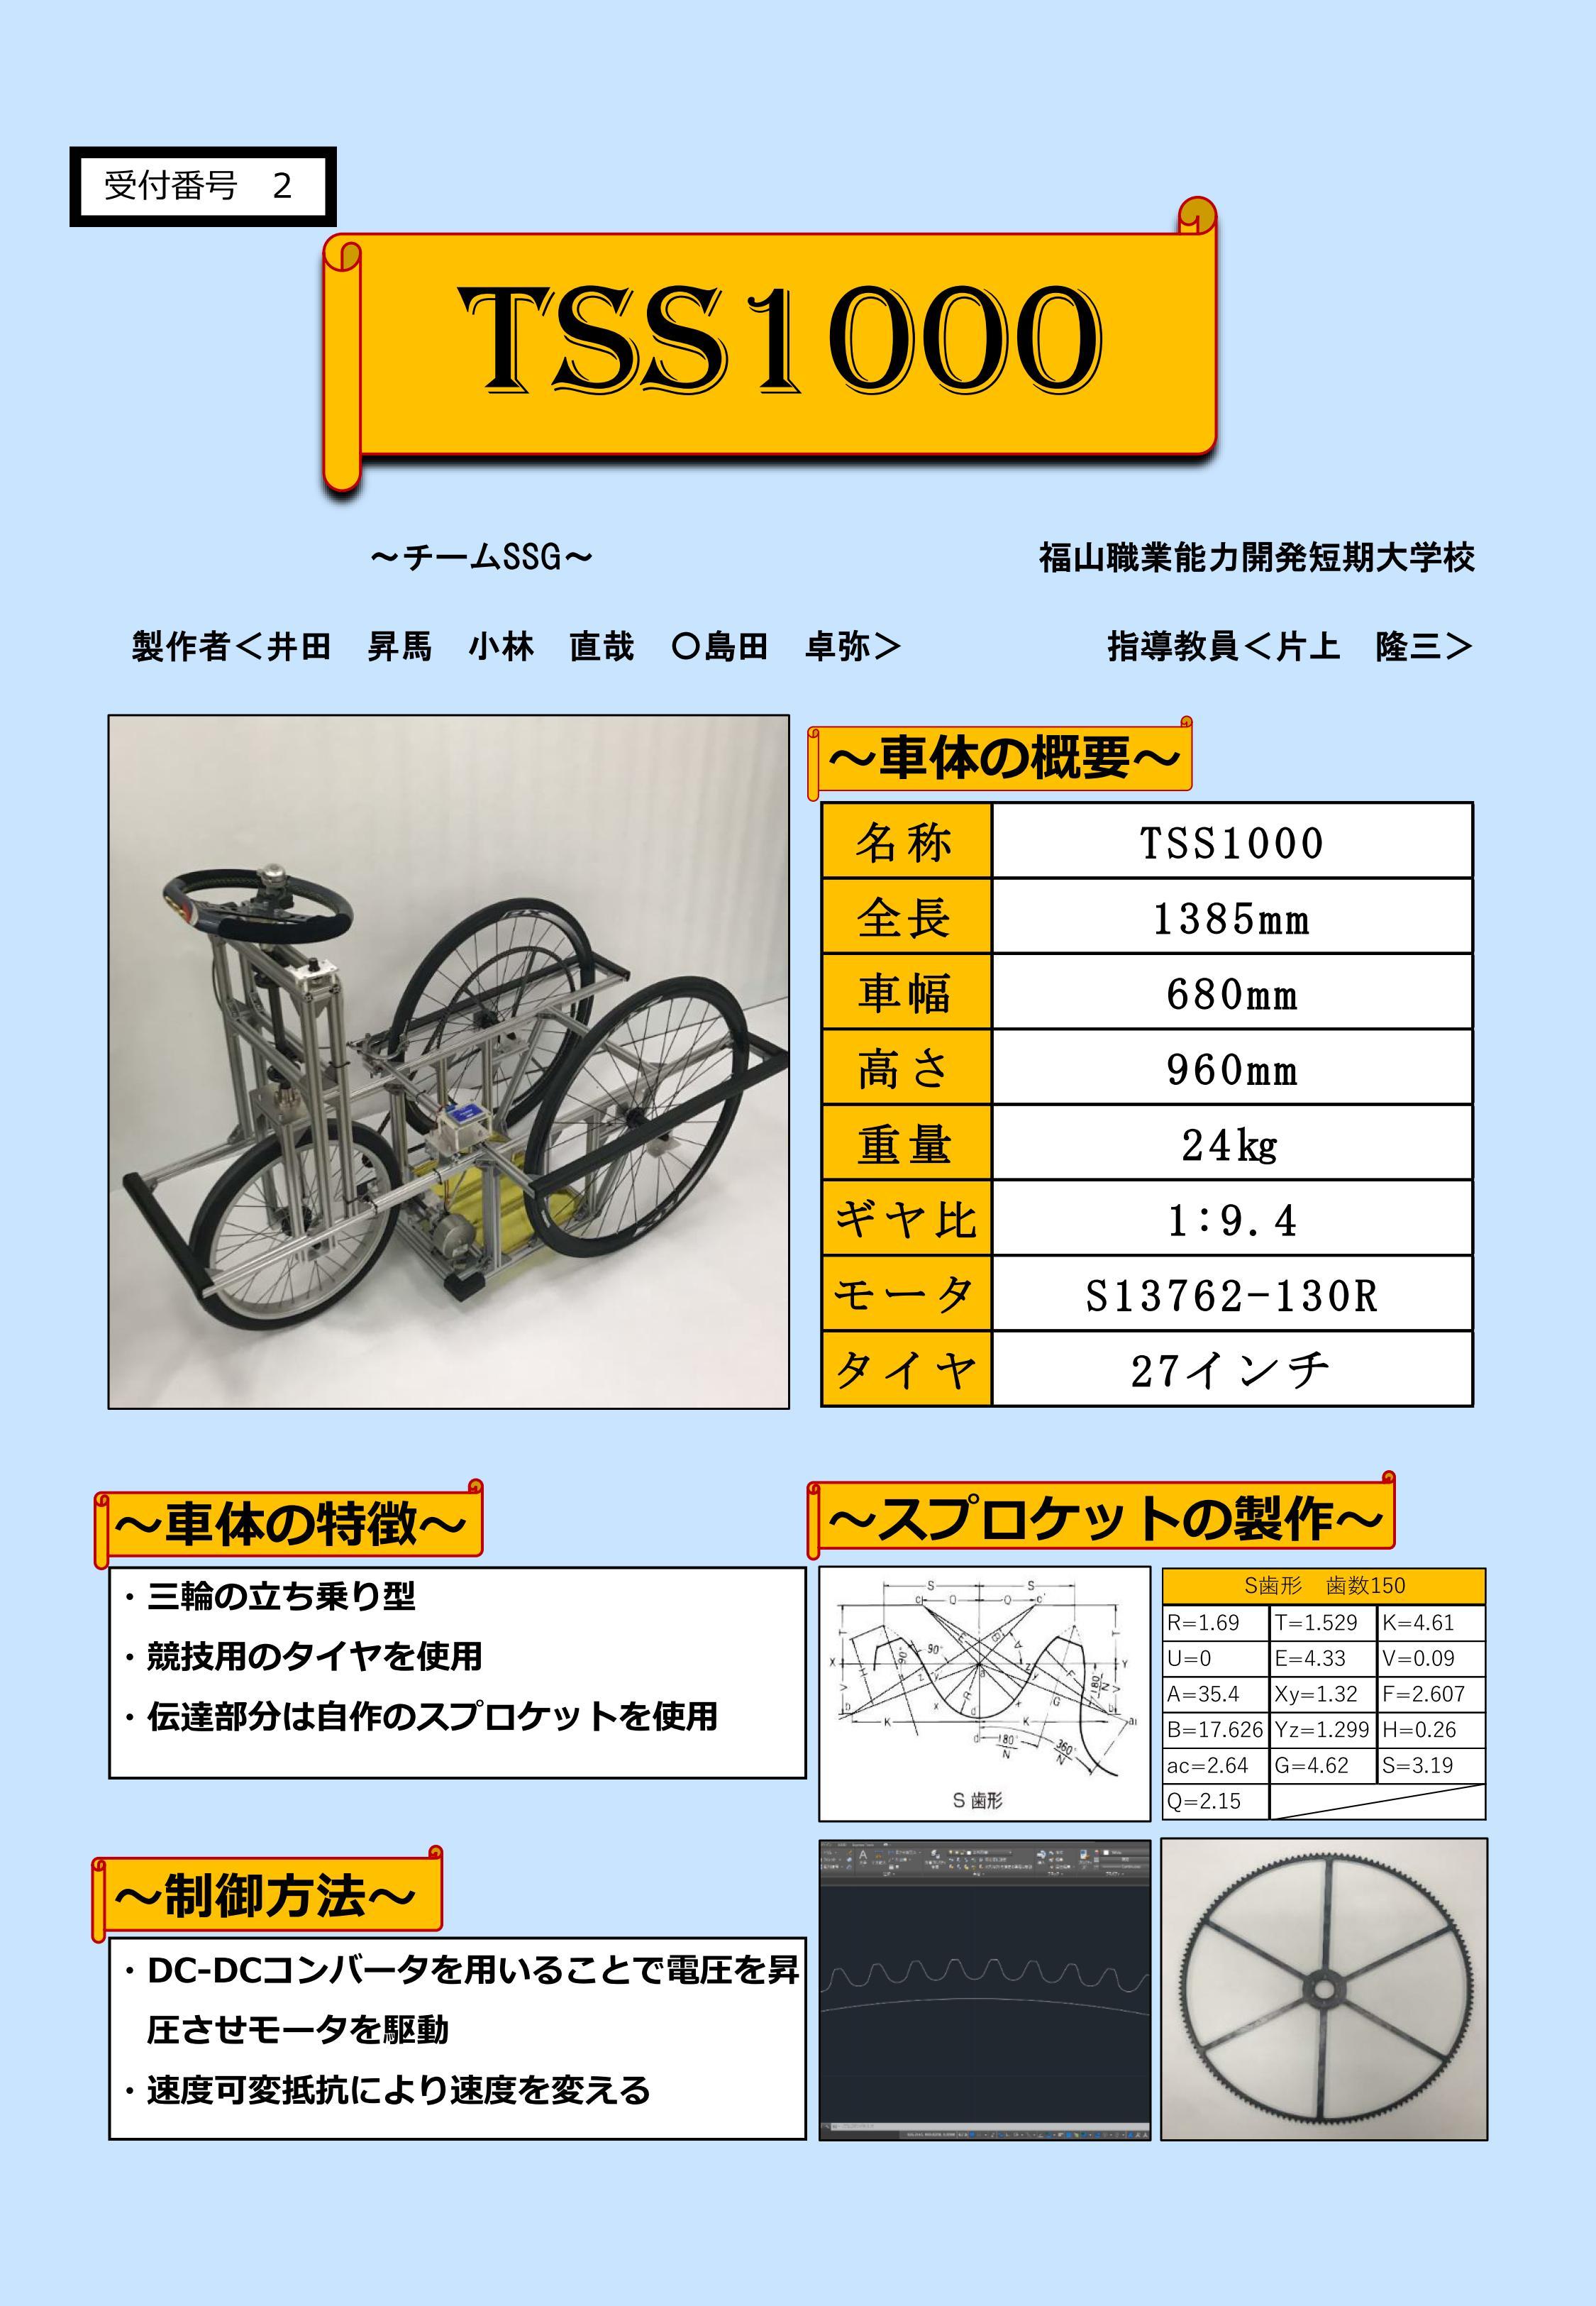 2_エコ電動車技術講演会2019_福山職業能力開発短期大学校_チームSSG